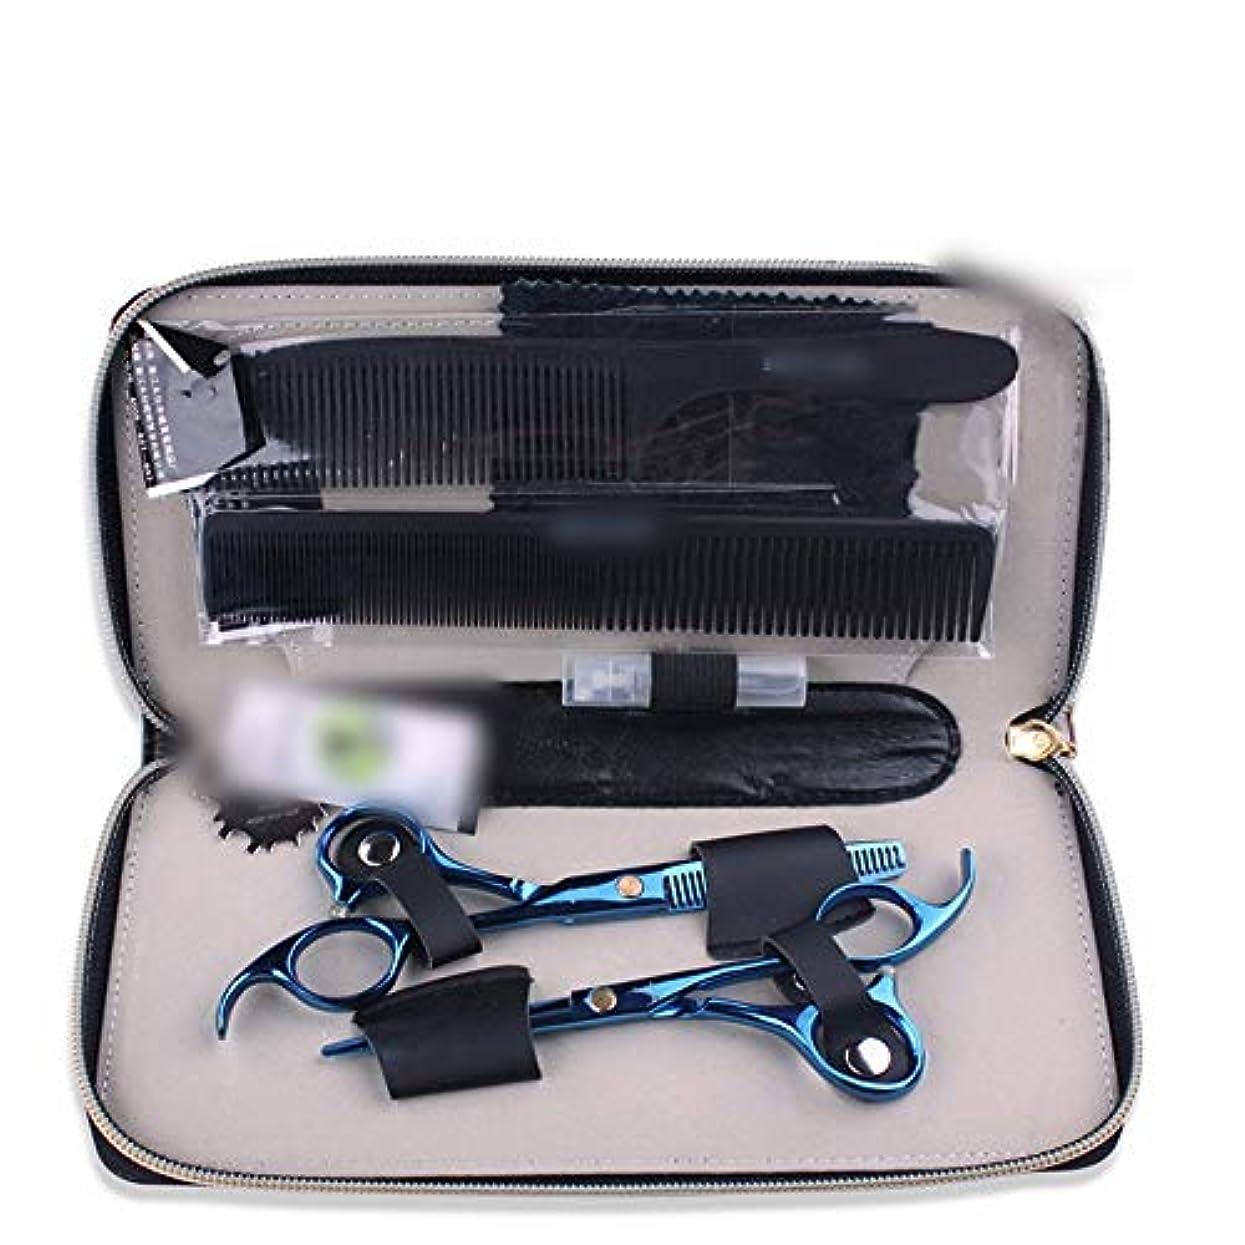 アパート吸うメアリアンジョーンズ青い専門のはさみ5.5インチの理髪はさみセット モデリングツール (色 : 青)